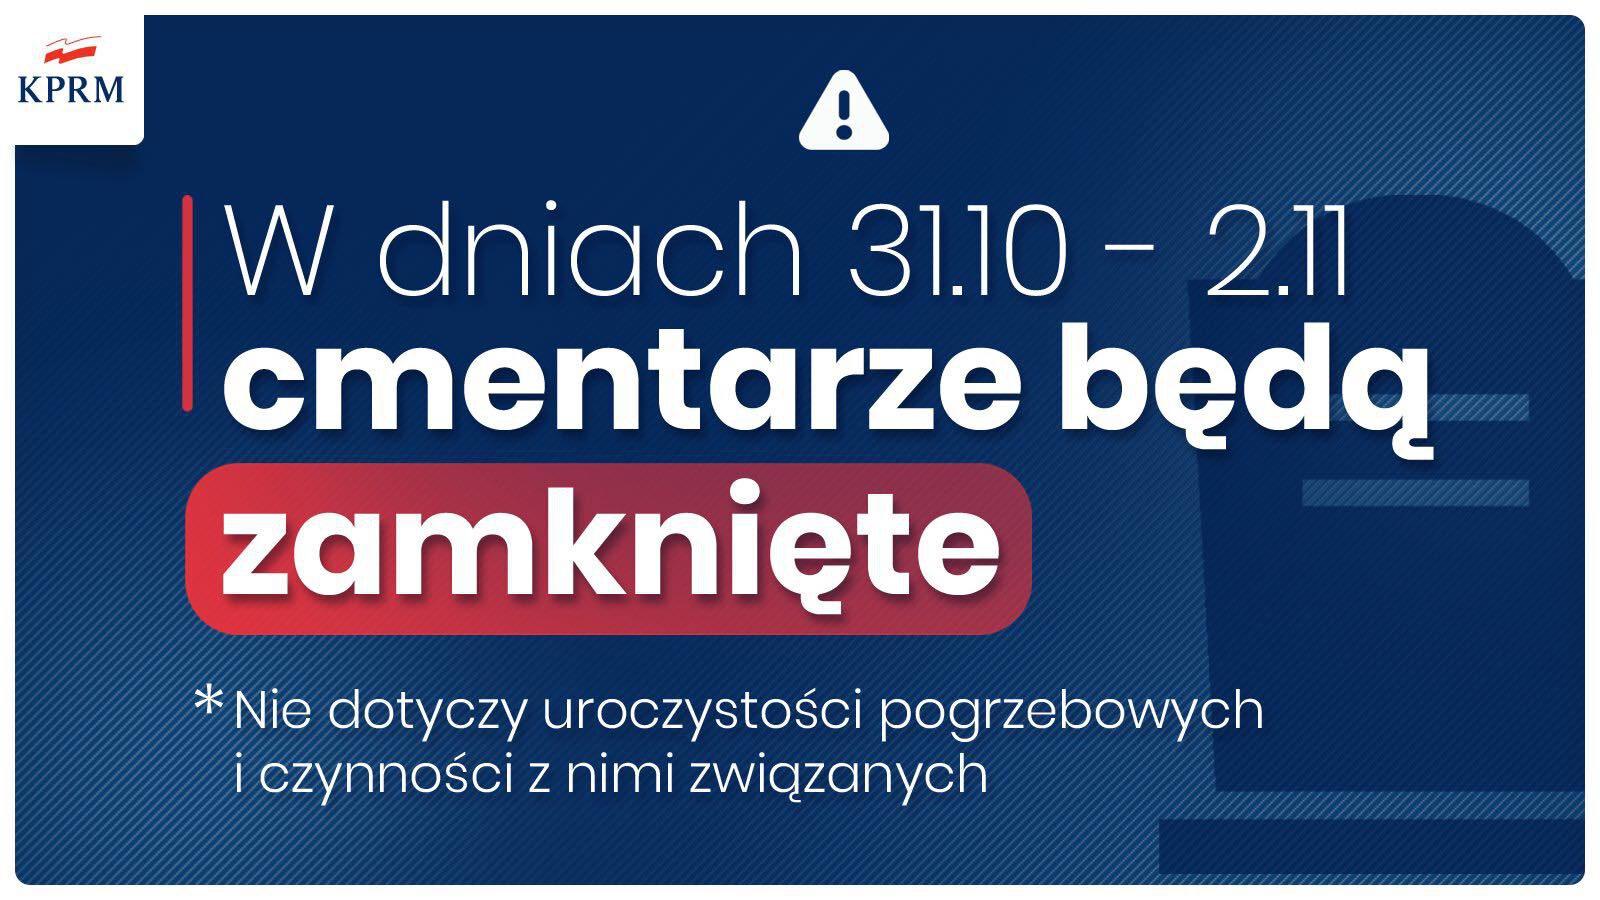 Informacja o zamknięciu cmentarzy 31.10.2020 - 02.11.2020